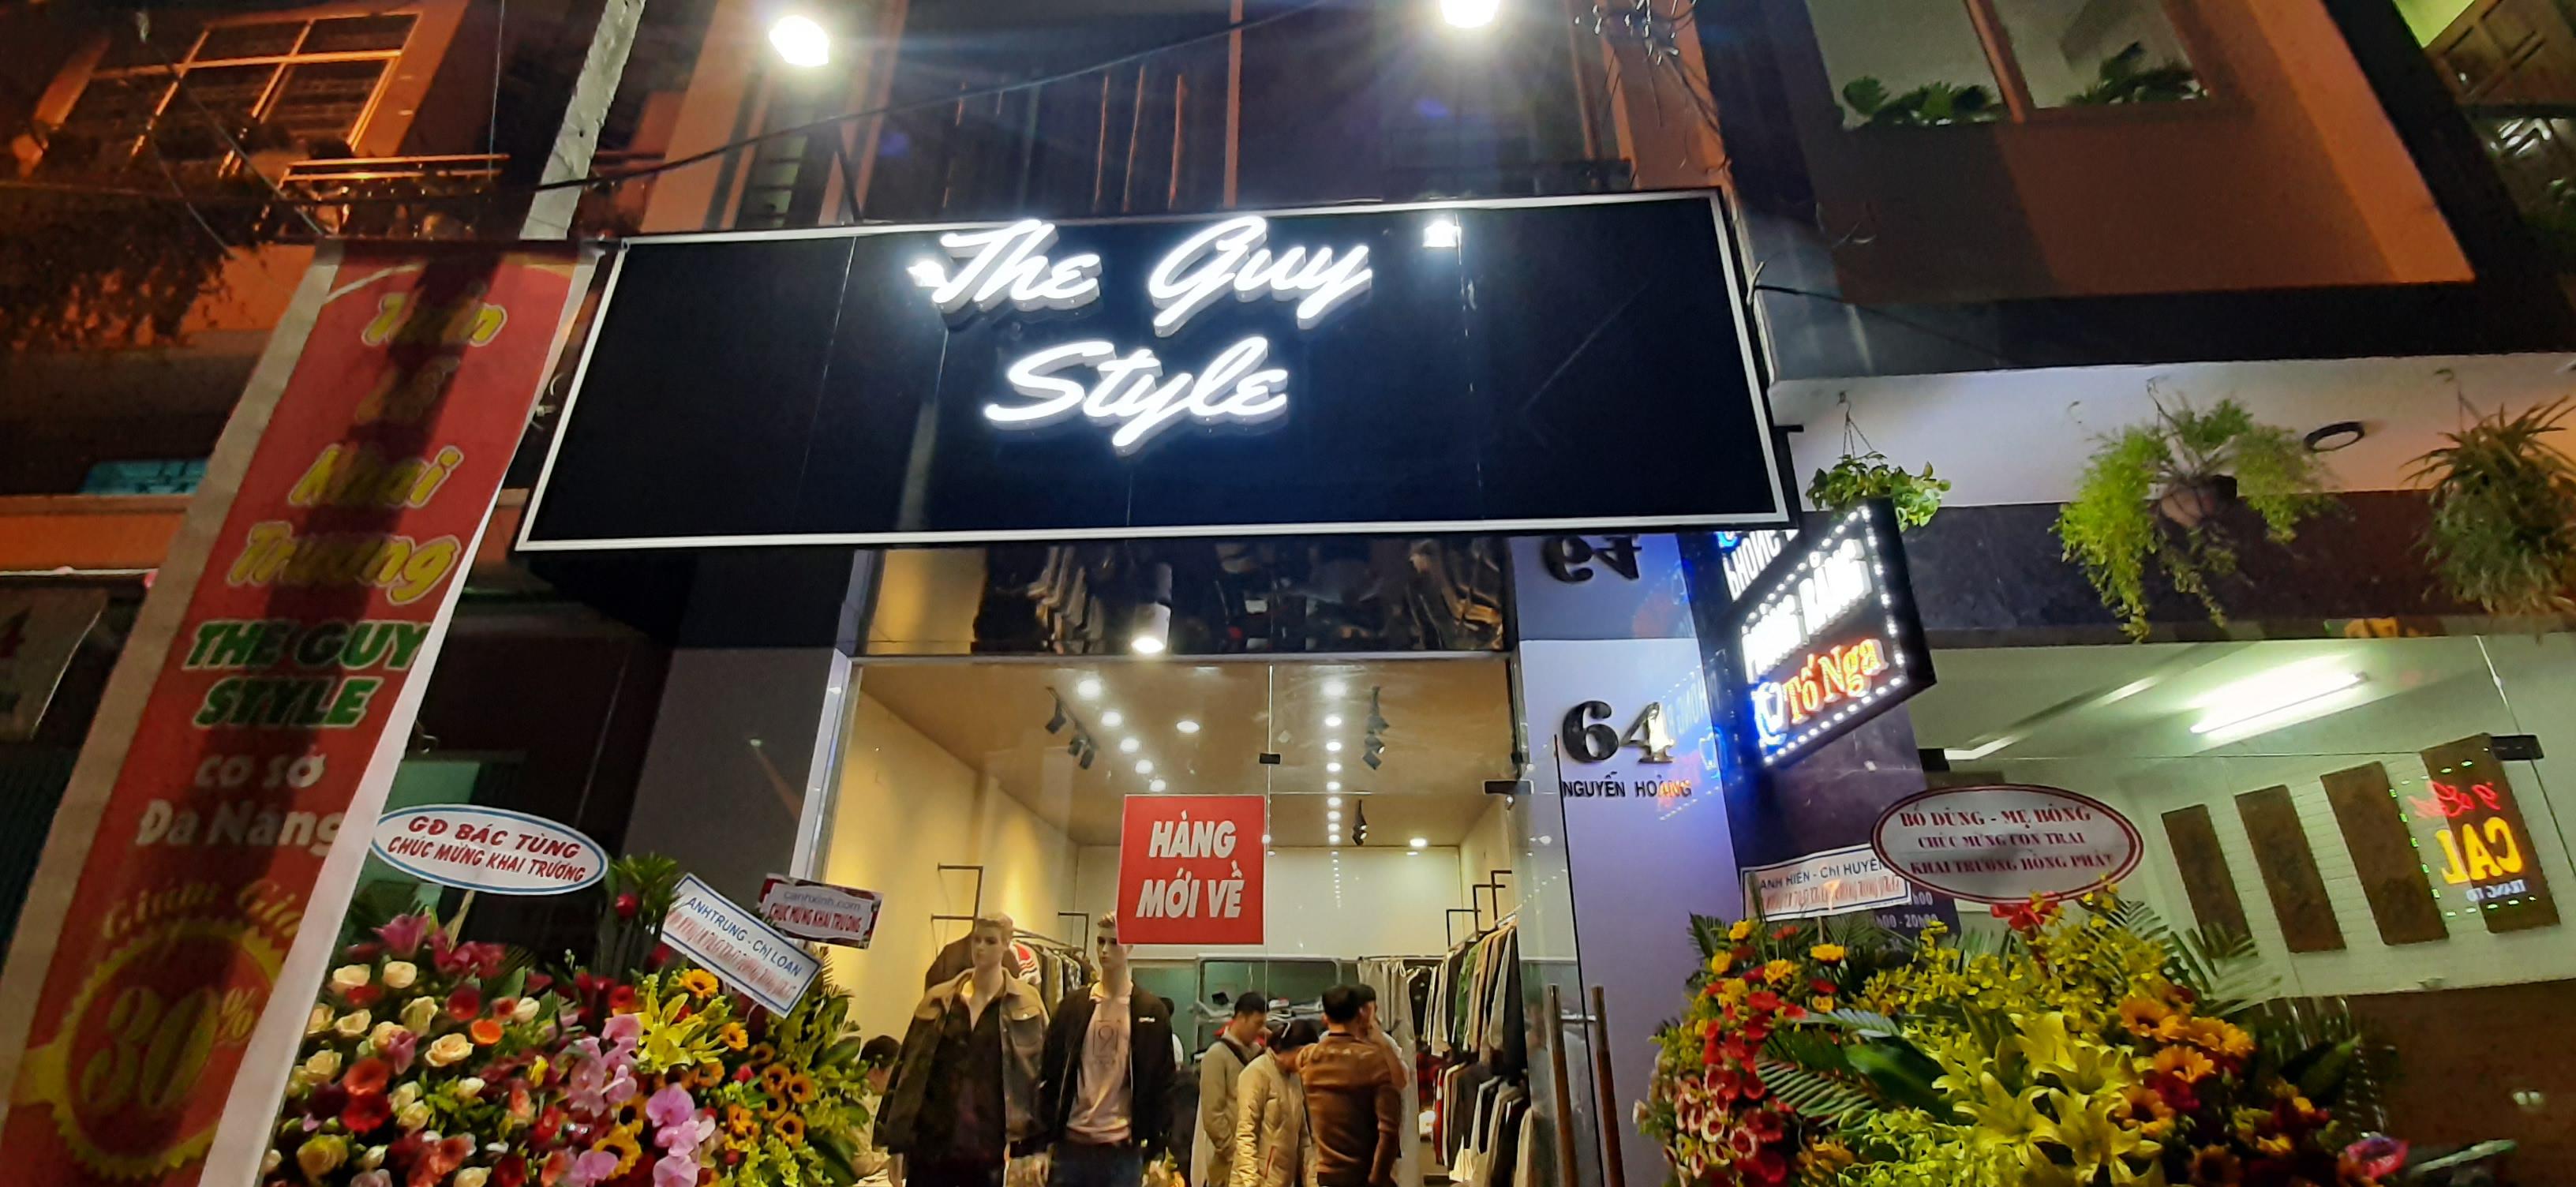 Thi công bảng quảng cáo nguonsangxanh.com - 0932032500